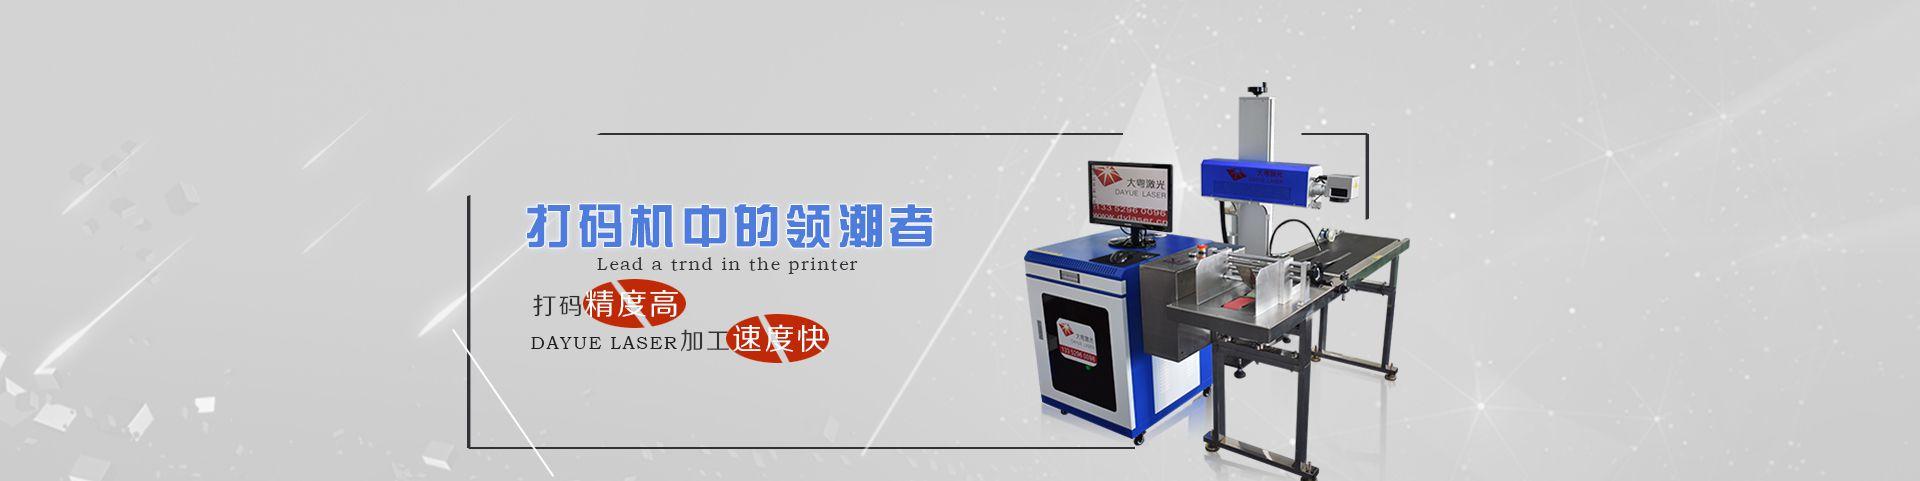 大粤激光科技(深圳)有限公司